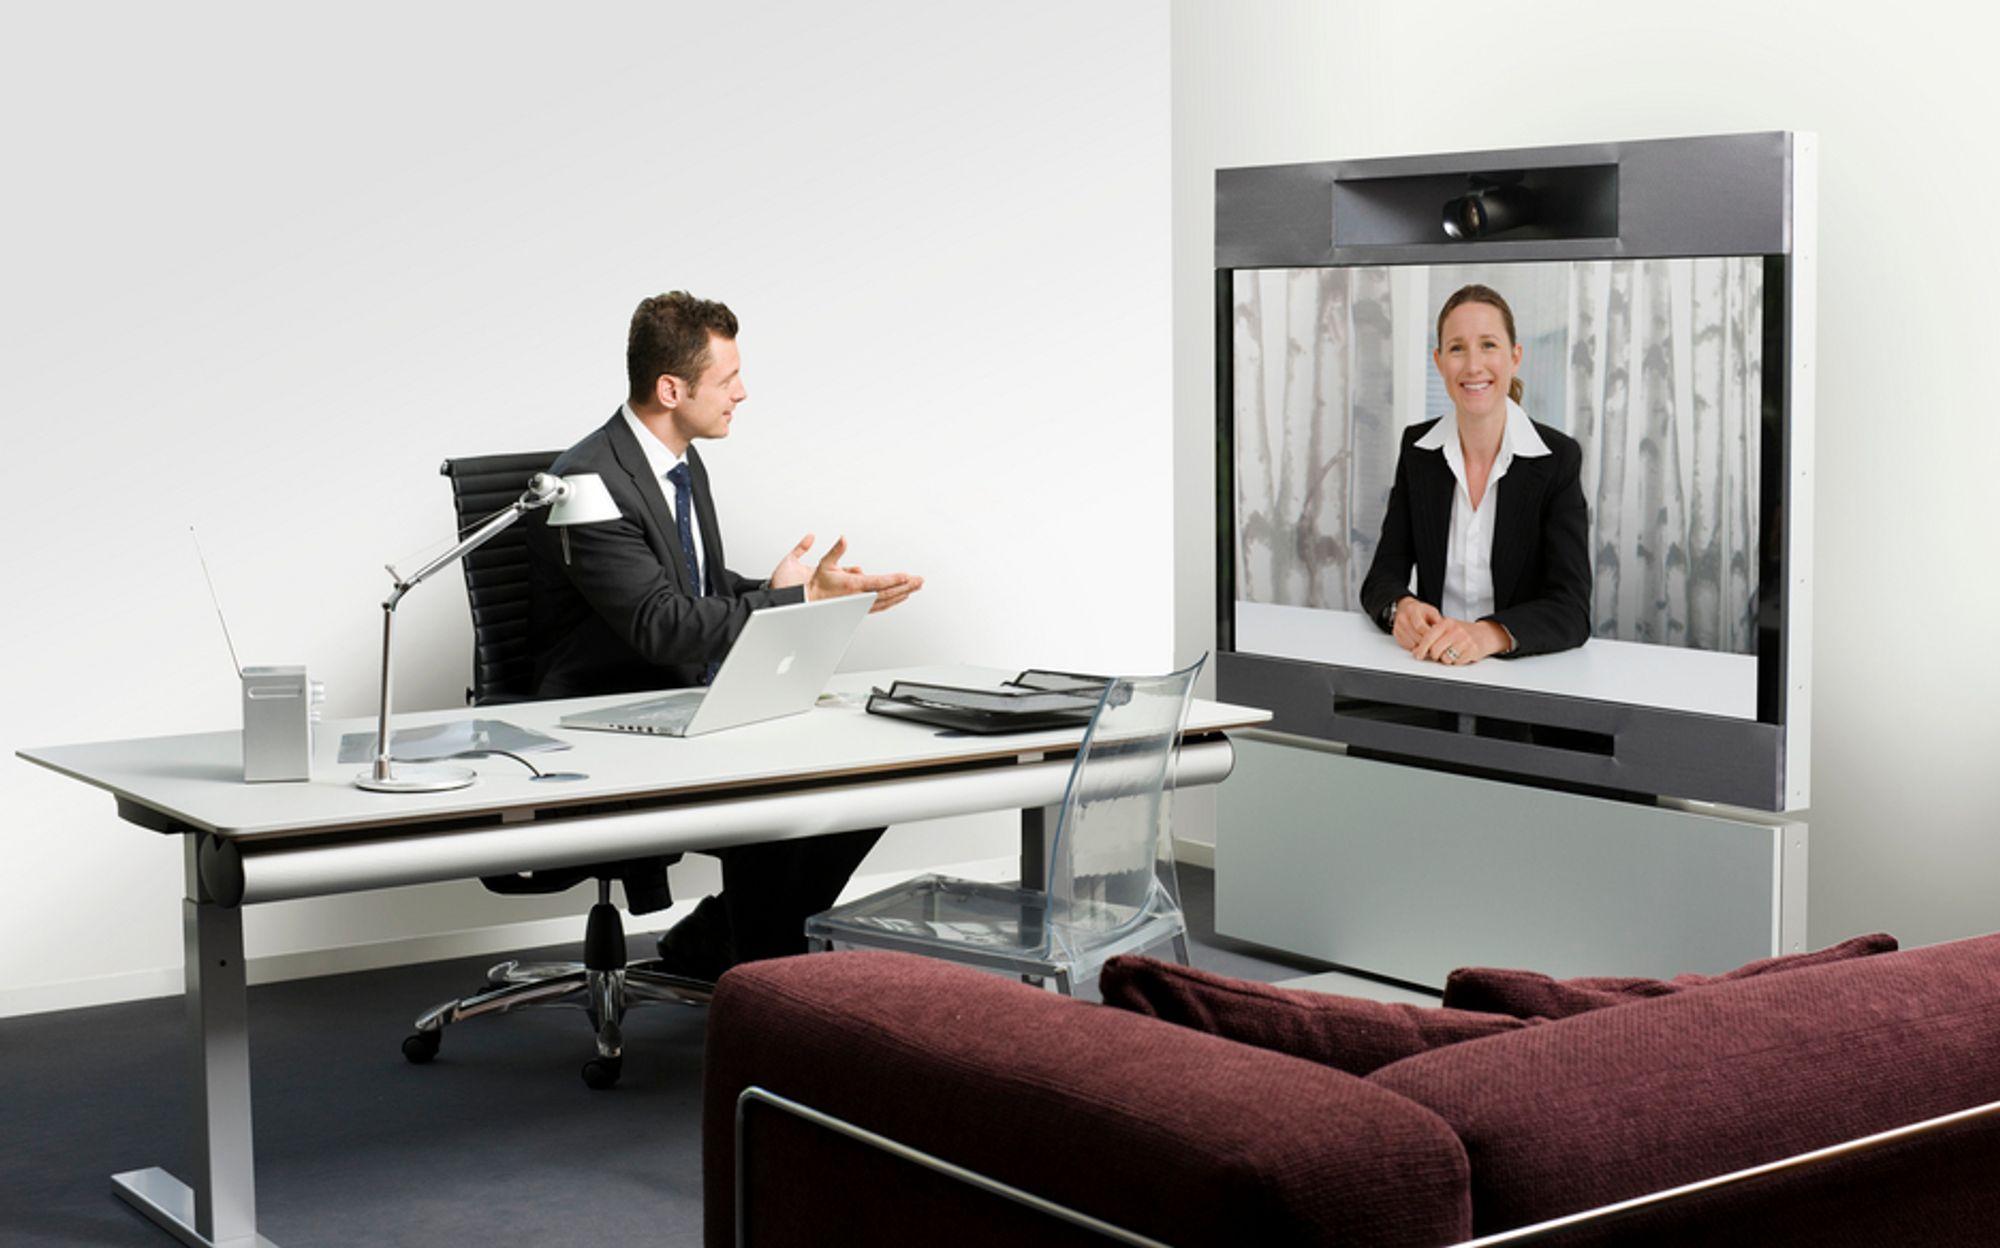 HD-MØTE: Den nye C90 kodeken kan overføre den høyeste oppløsnigen i HD-TV-standarden mellom møtedeltakerne slik som her i det nye T1-systemet. I tillegg kan detbygges telepresenceløsninger med flere skjermer.